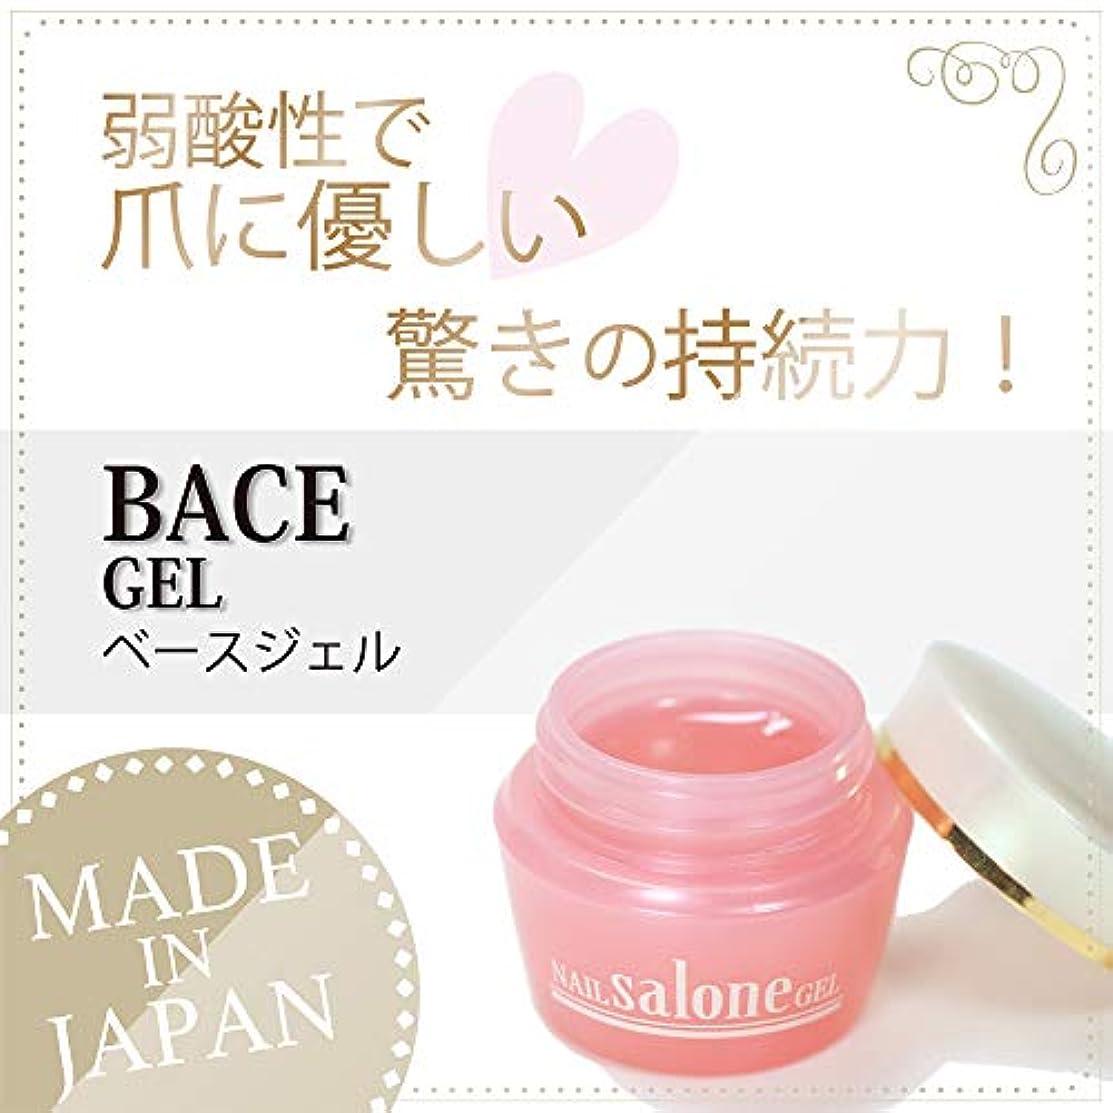 標準ストライプふけるSalone gel サローネ ベースジェル 爪に優しい 日本製 驚きの密着力 リムーバーでオフも簡単3g